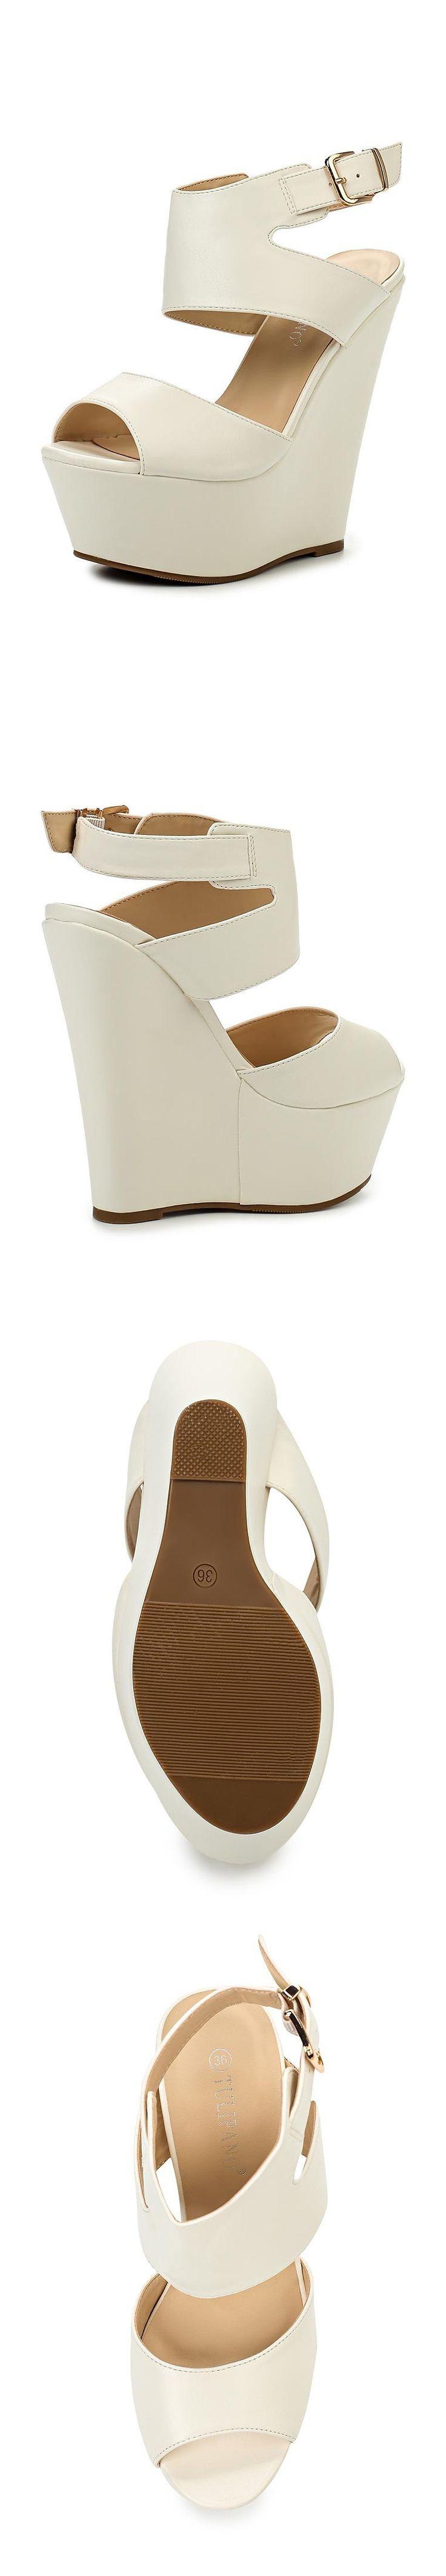 Женская обувь босоножки Tulipano за 4130.00 руб.